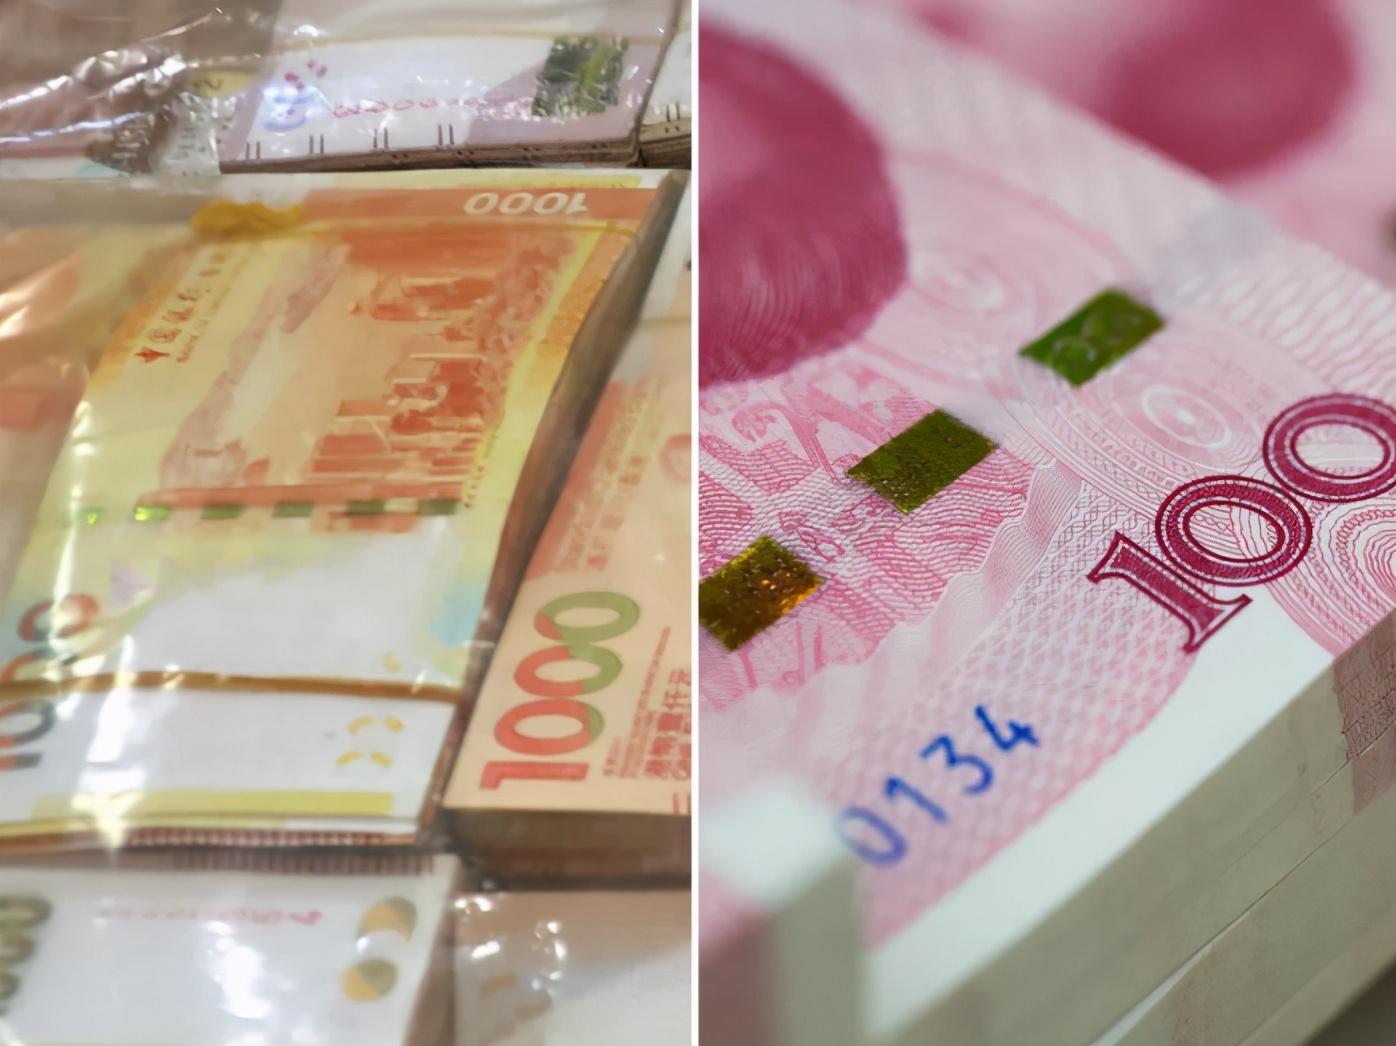 风水轮流转!澳门换钱党也有被娱乐场玩家骗钱的时候;完善香港的选举制度获全票通过,香港重回一国两制正轨